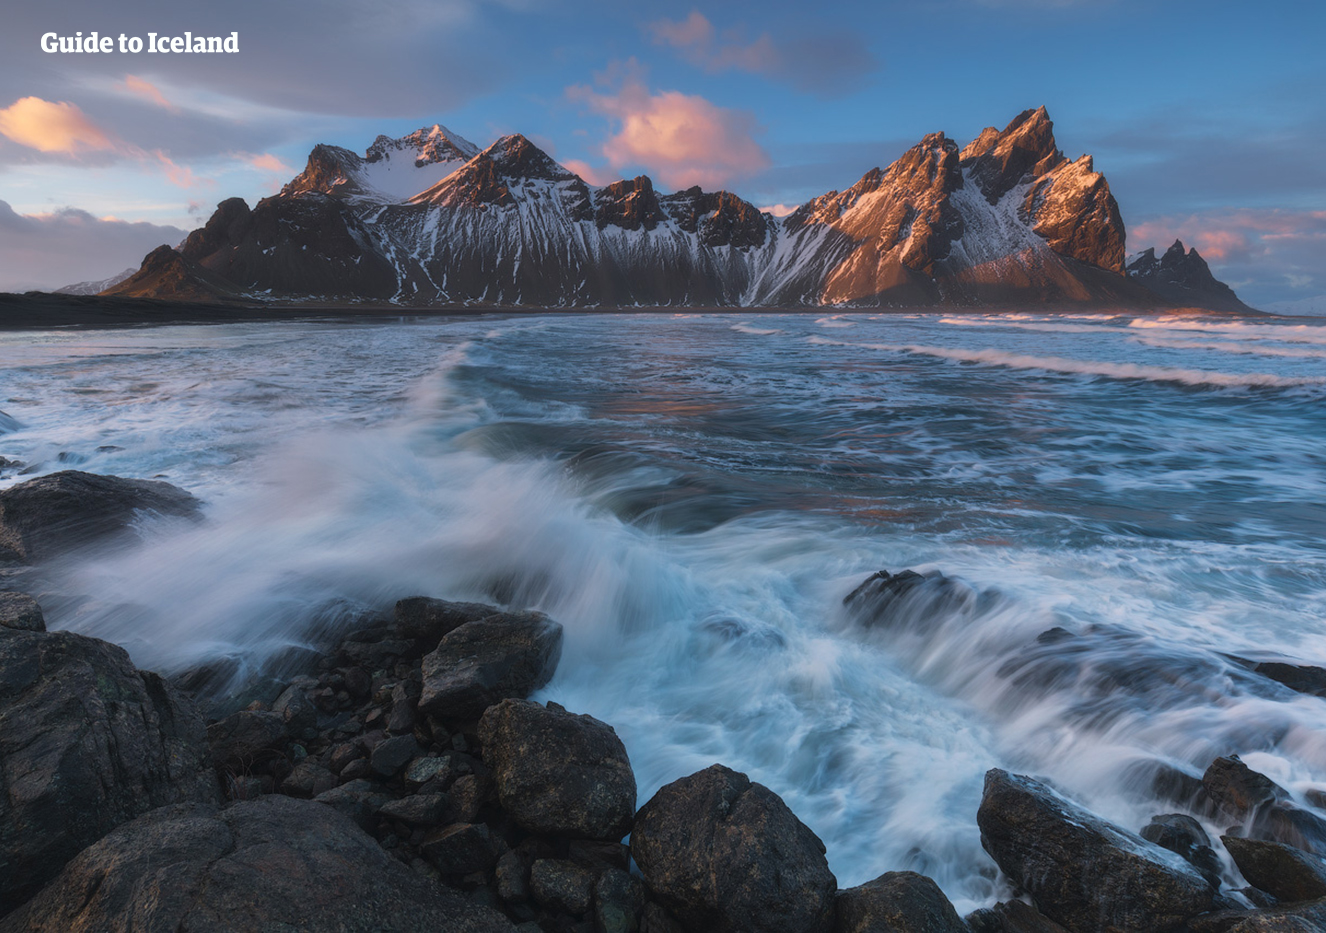 Le mont Vestrahorn sur la péninsule de Stokksnes est déchiqueté, impitoyable et très photogénique, en particulier lorsqu'il est recouvert de neige l'hiver.